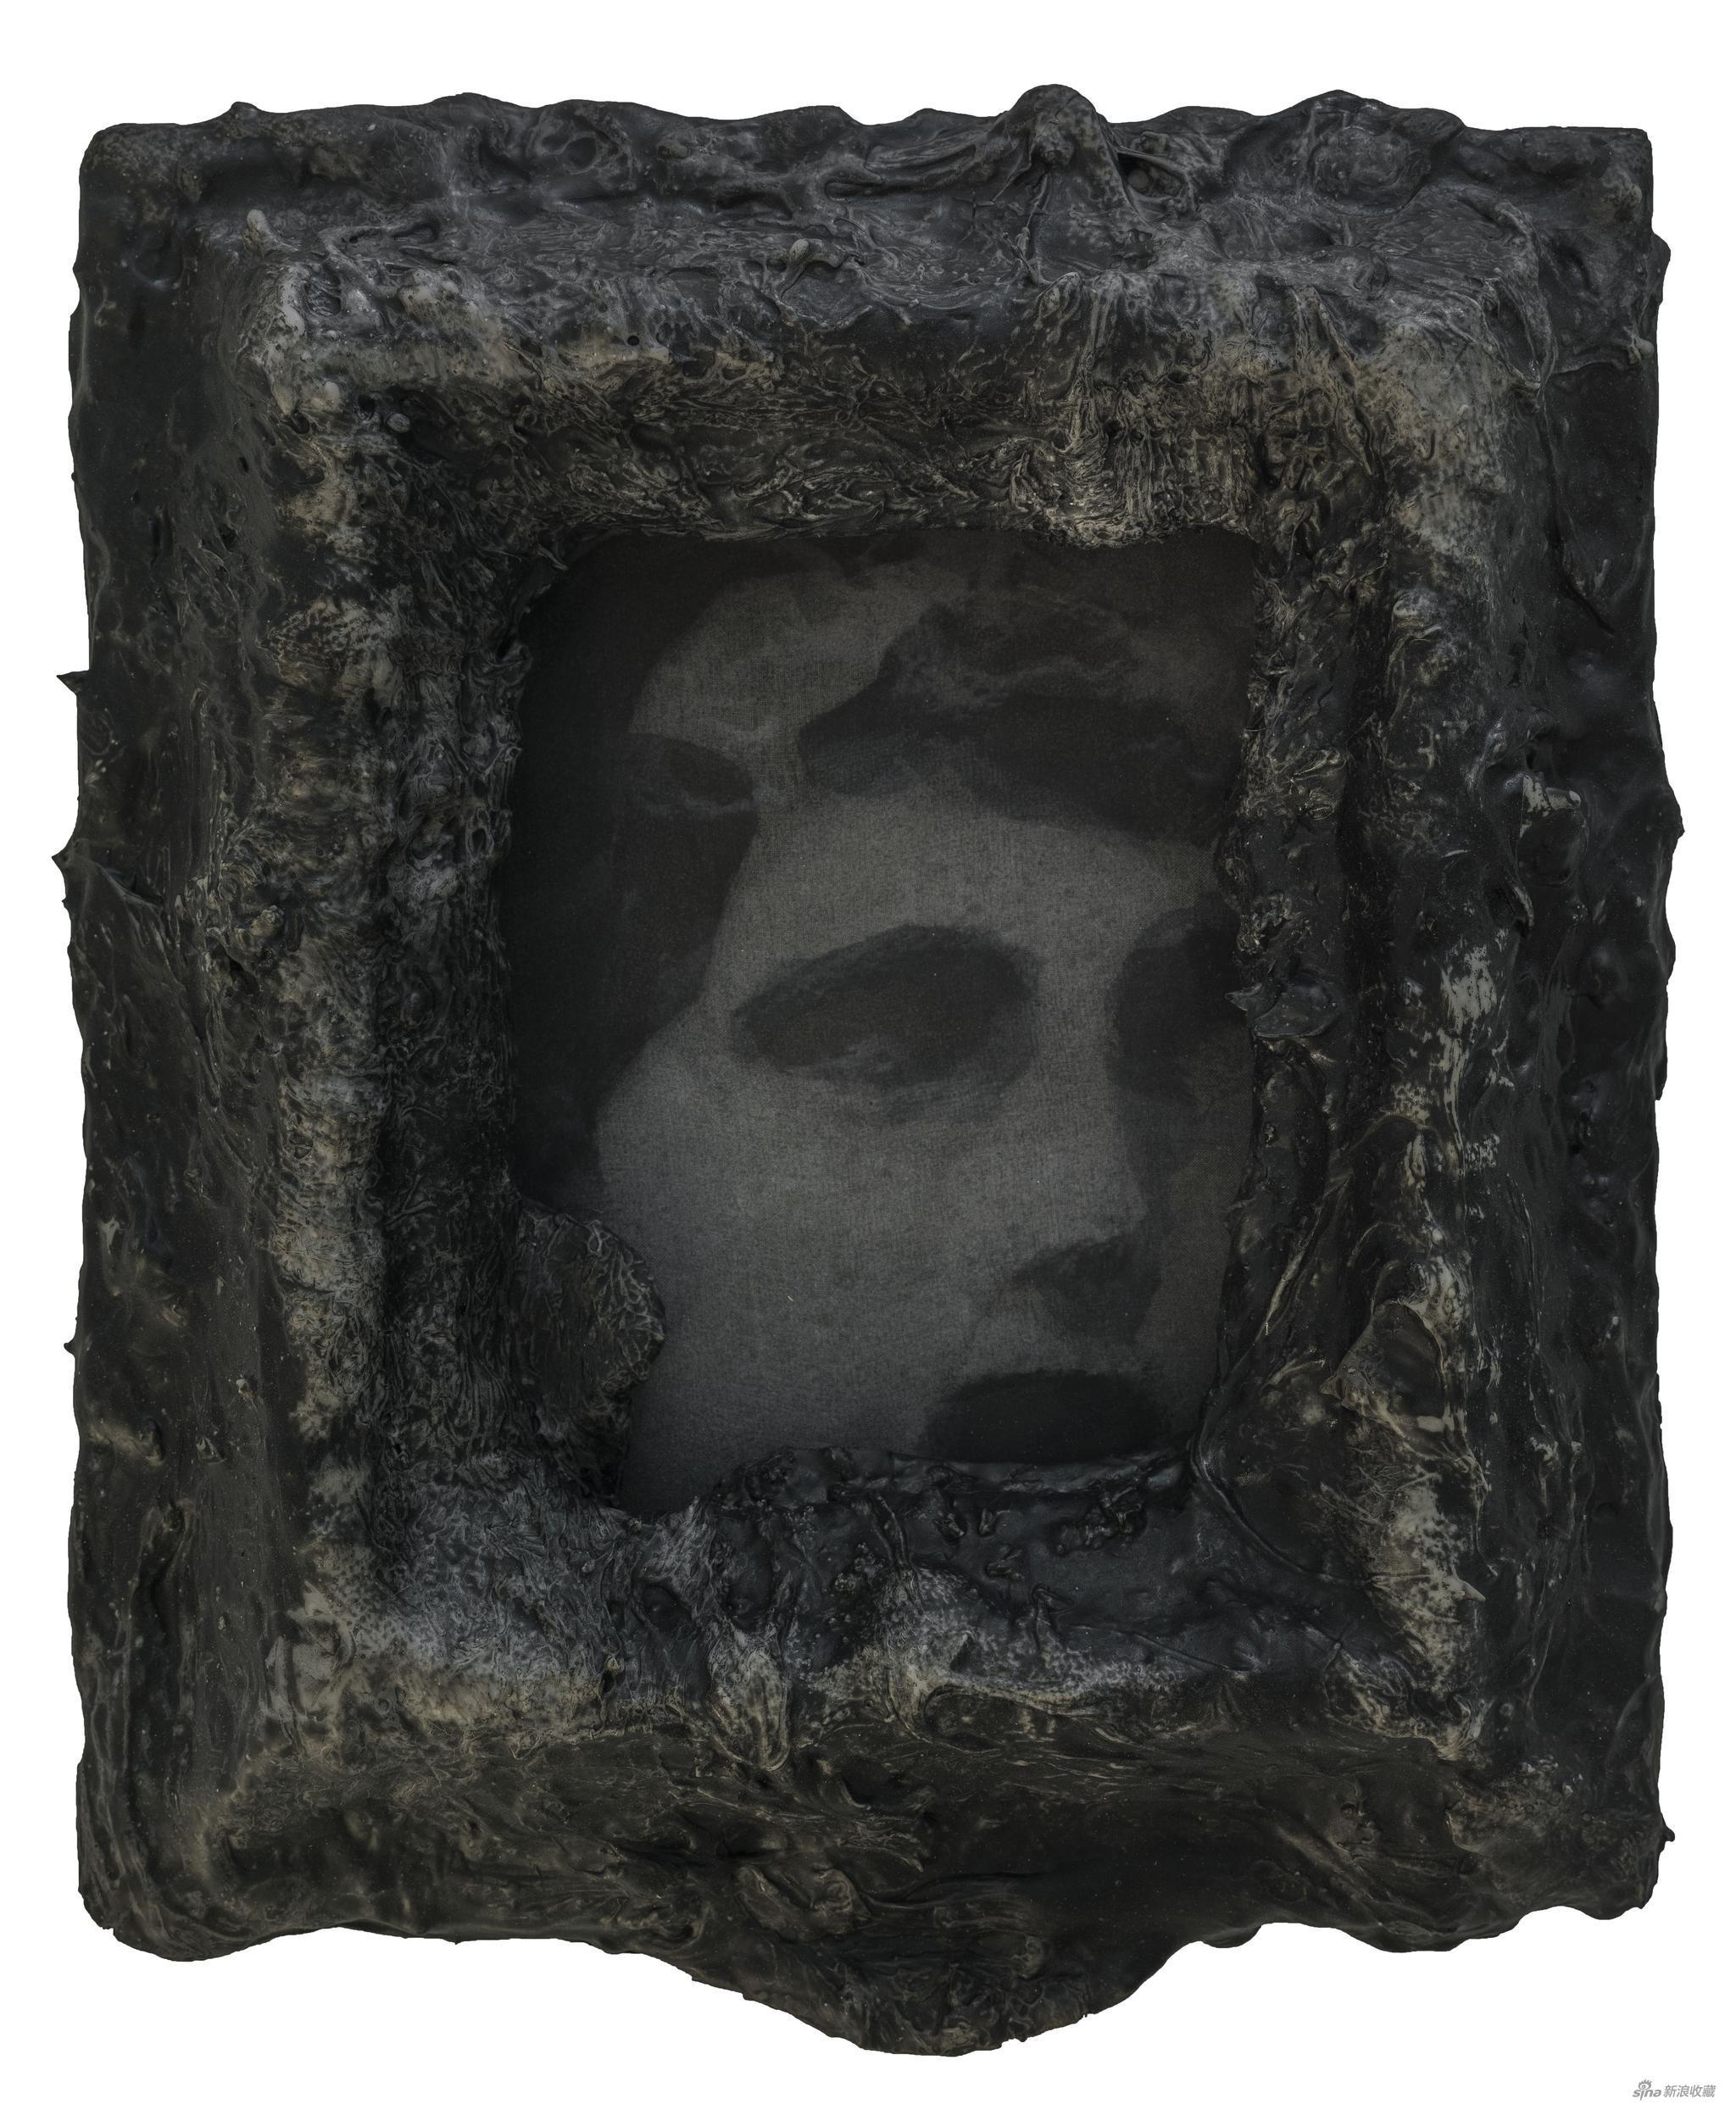 幻影 綜合材料 、絲綢 27 x 24 cm 2017